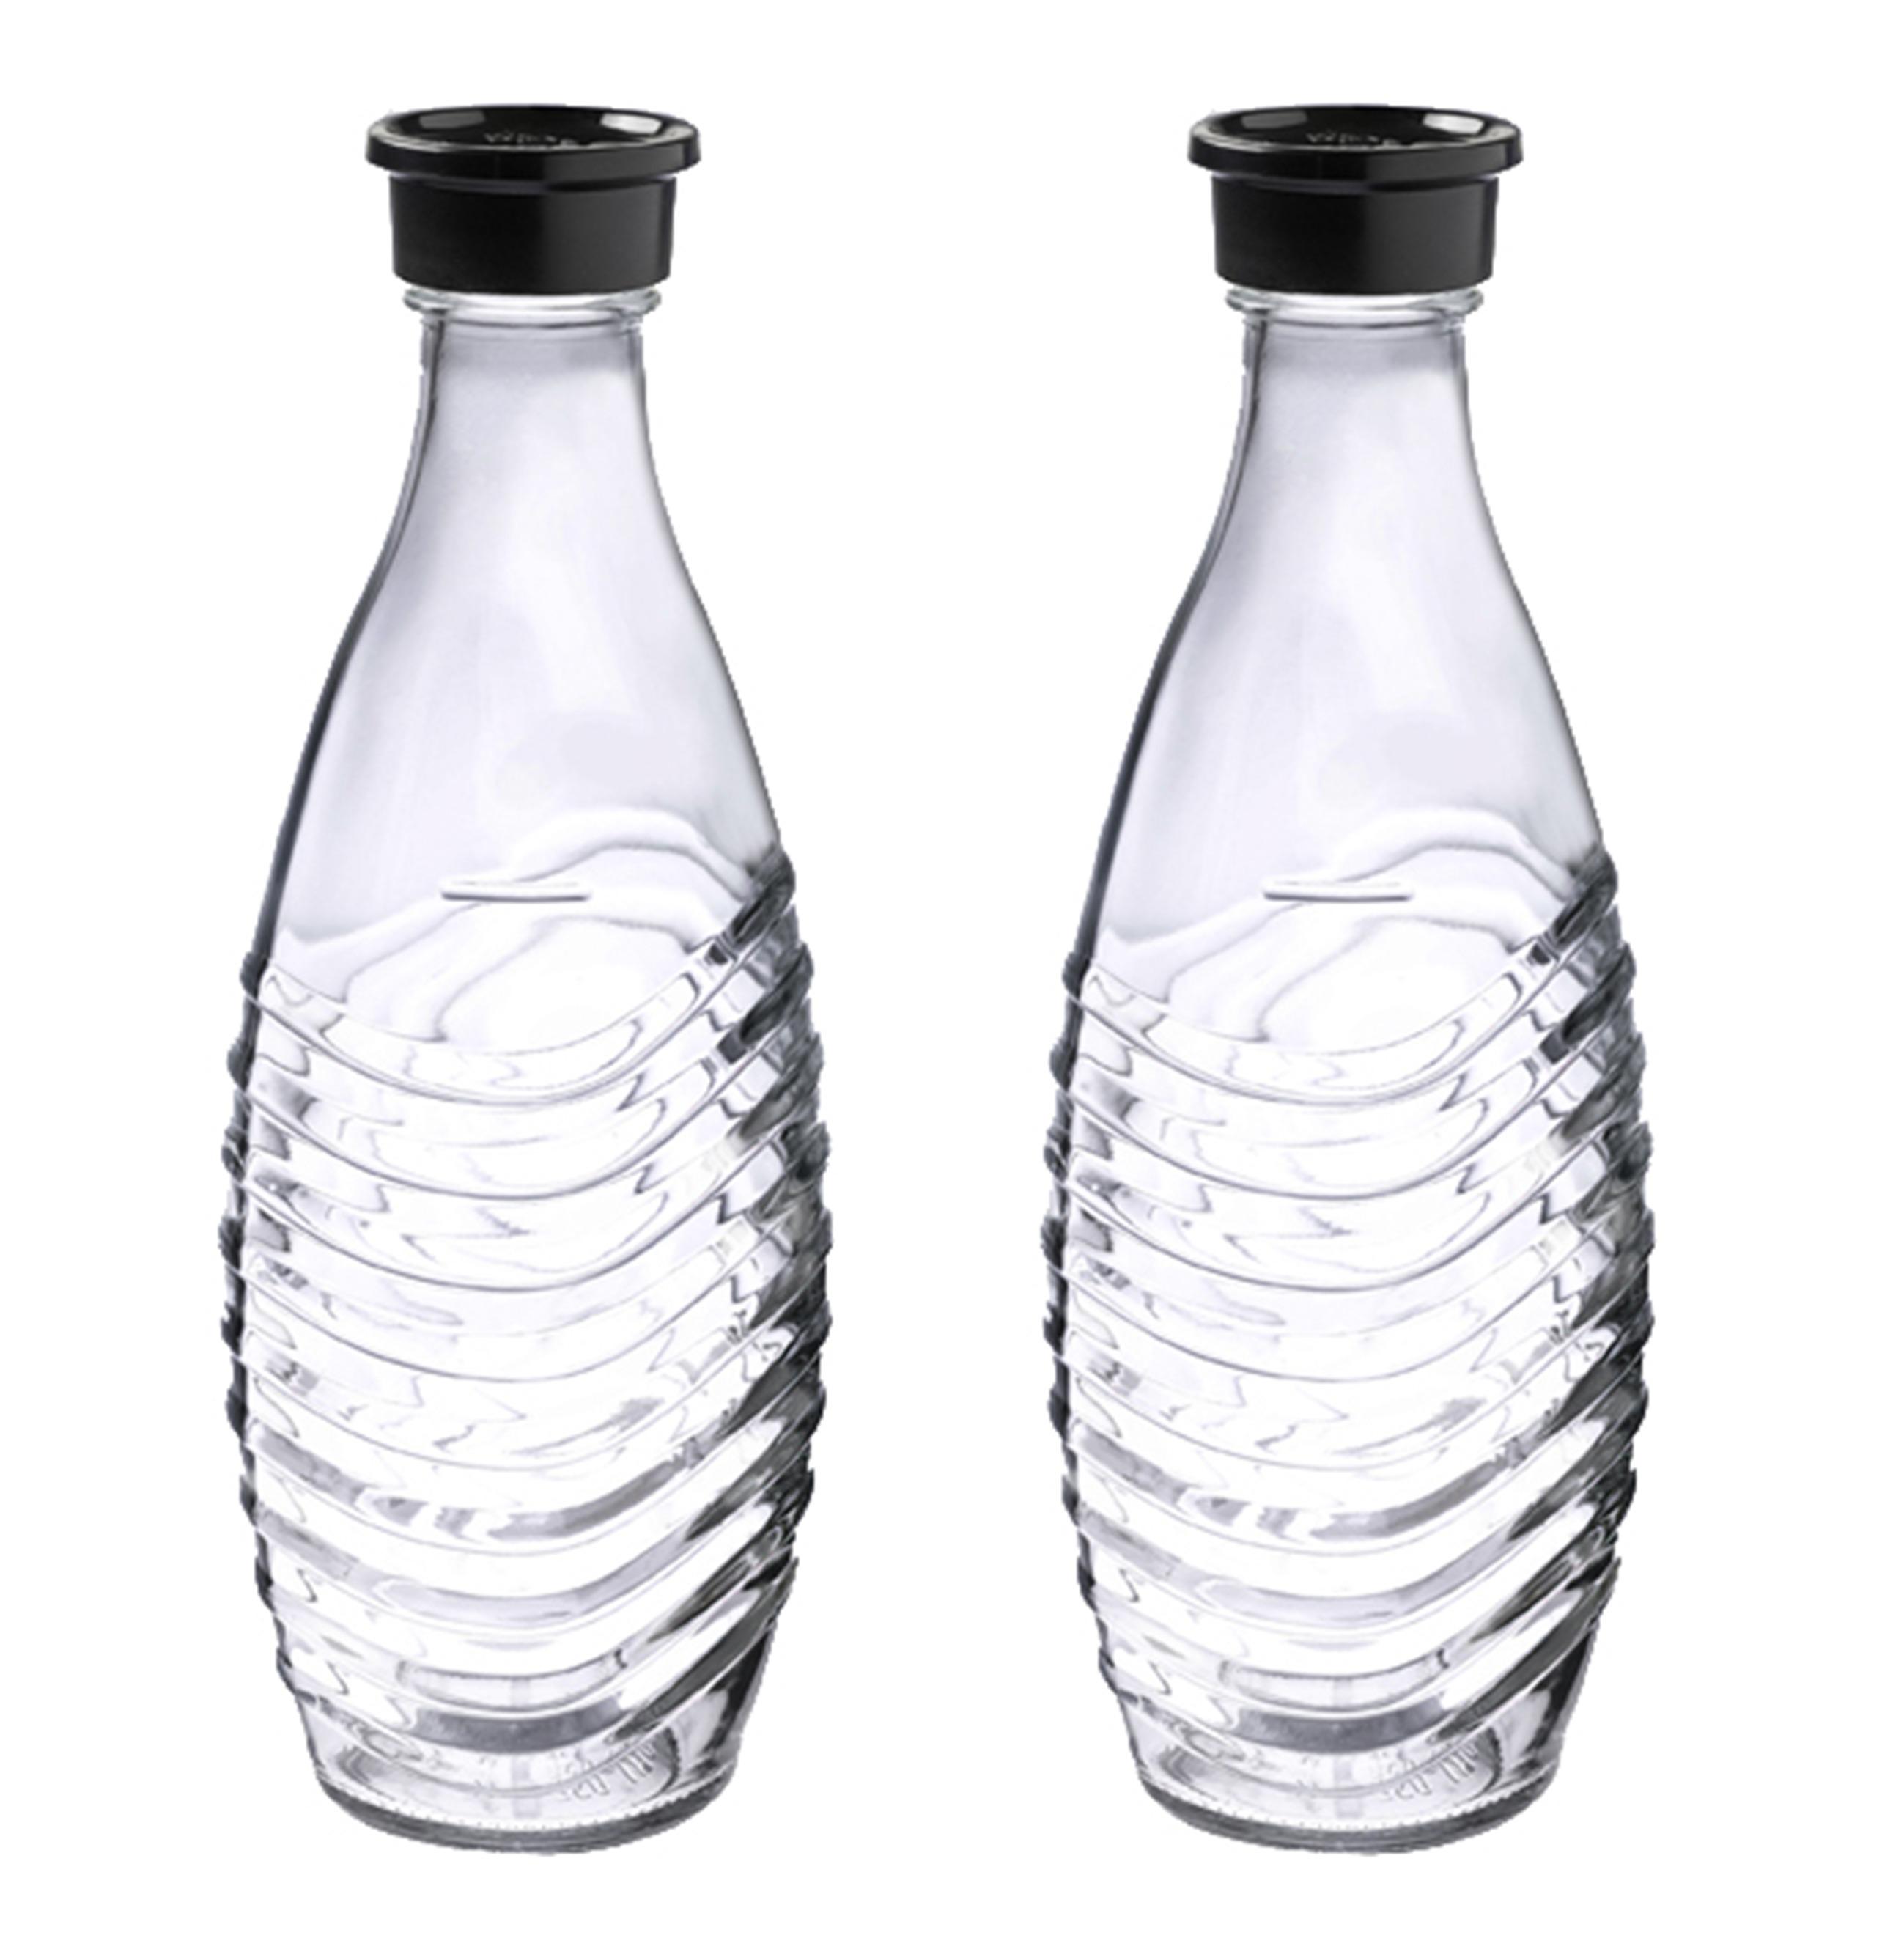 Sodastream Glaskaraffe DuoPack voor Soda Maker Crystal en Penguin Glaskaraffe DuoPack Glas 104720049